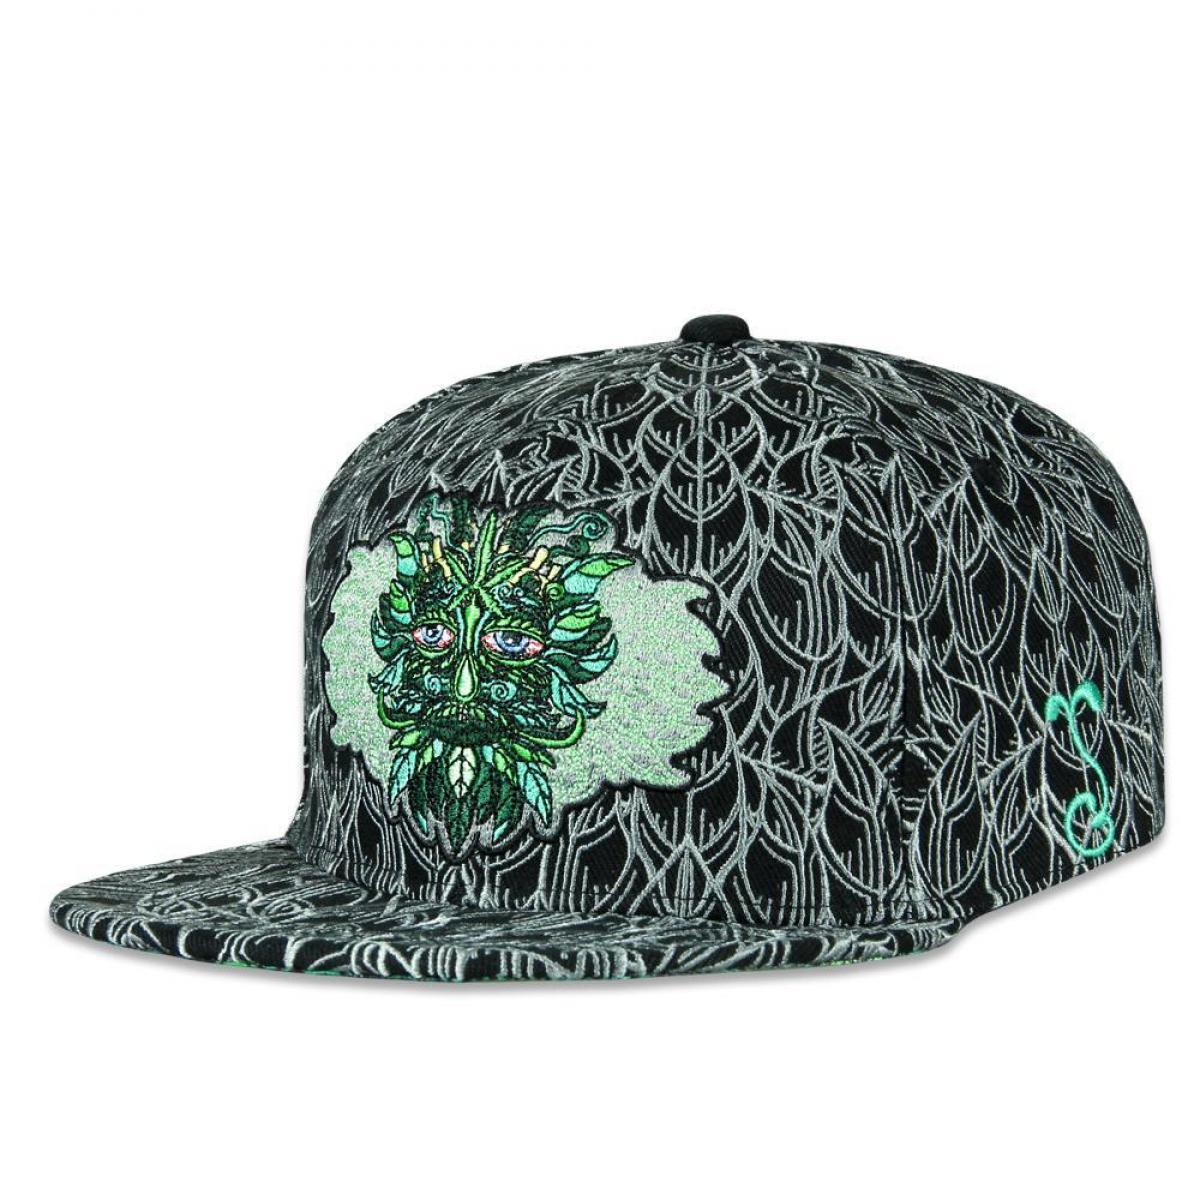 John Speaker 2018 Black Snapback Hat